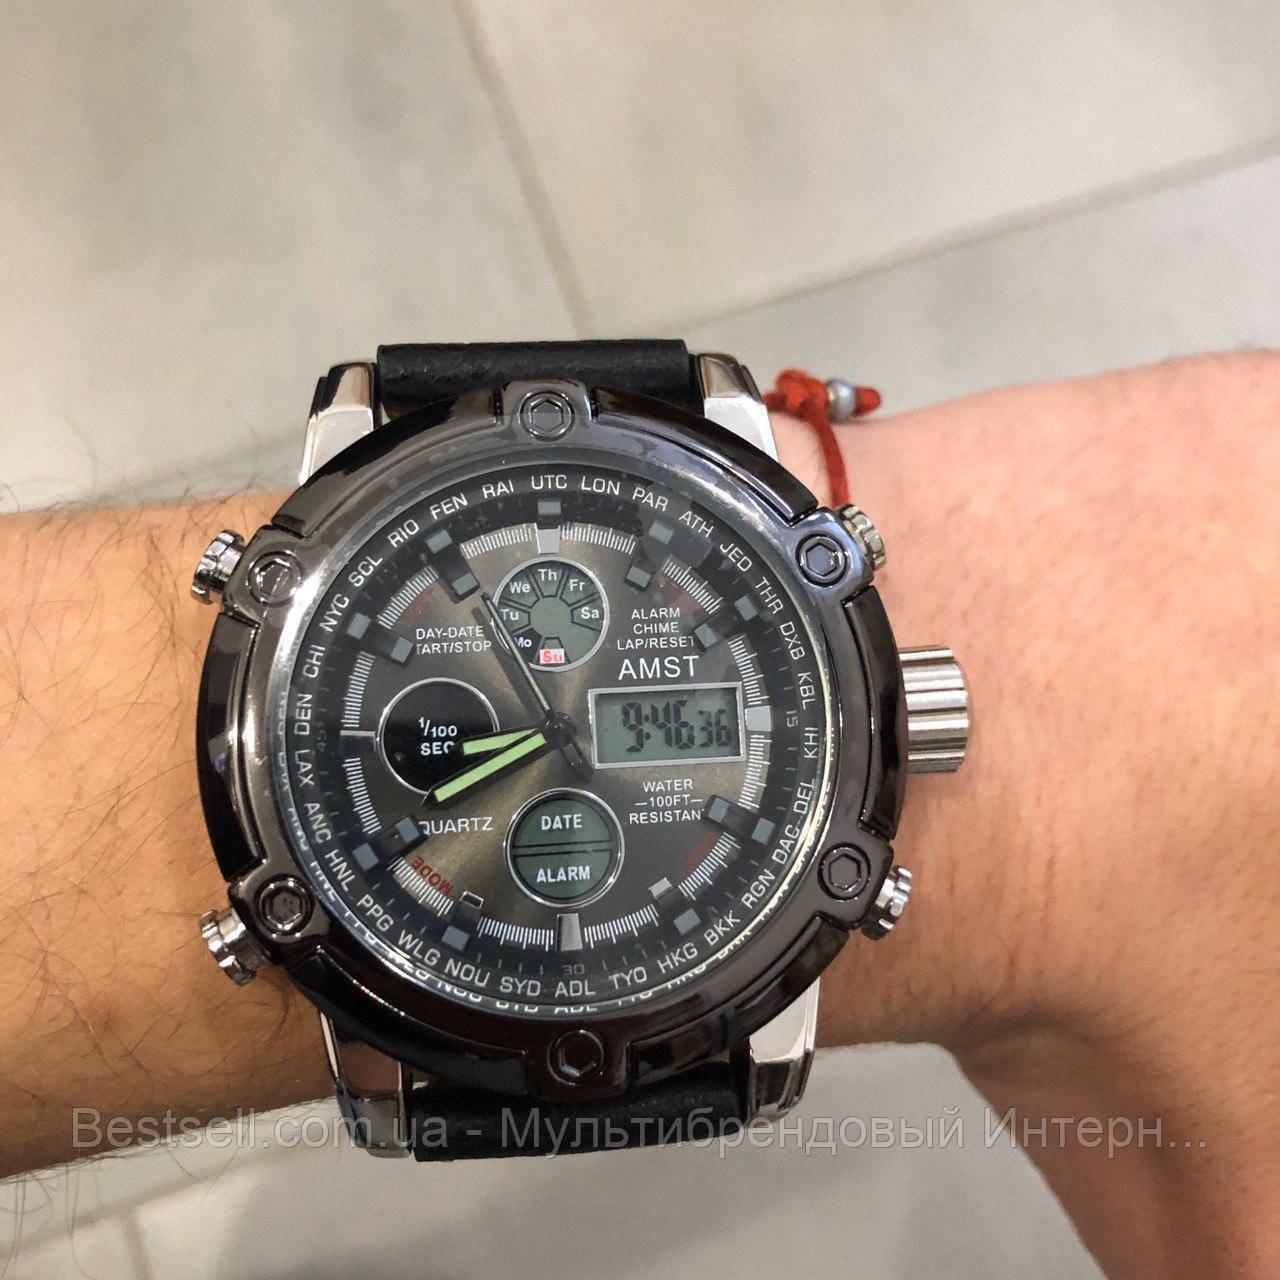 Оригінальні наручні чоловічі годинники AMST 3022 Silver-Black Fluted Wristband